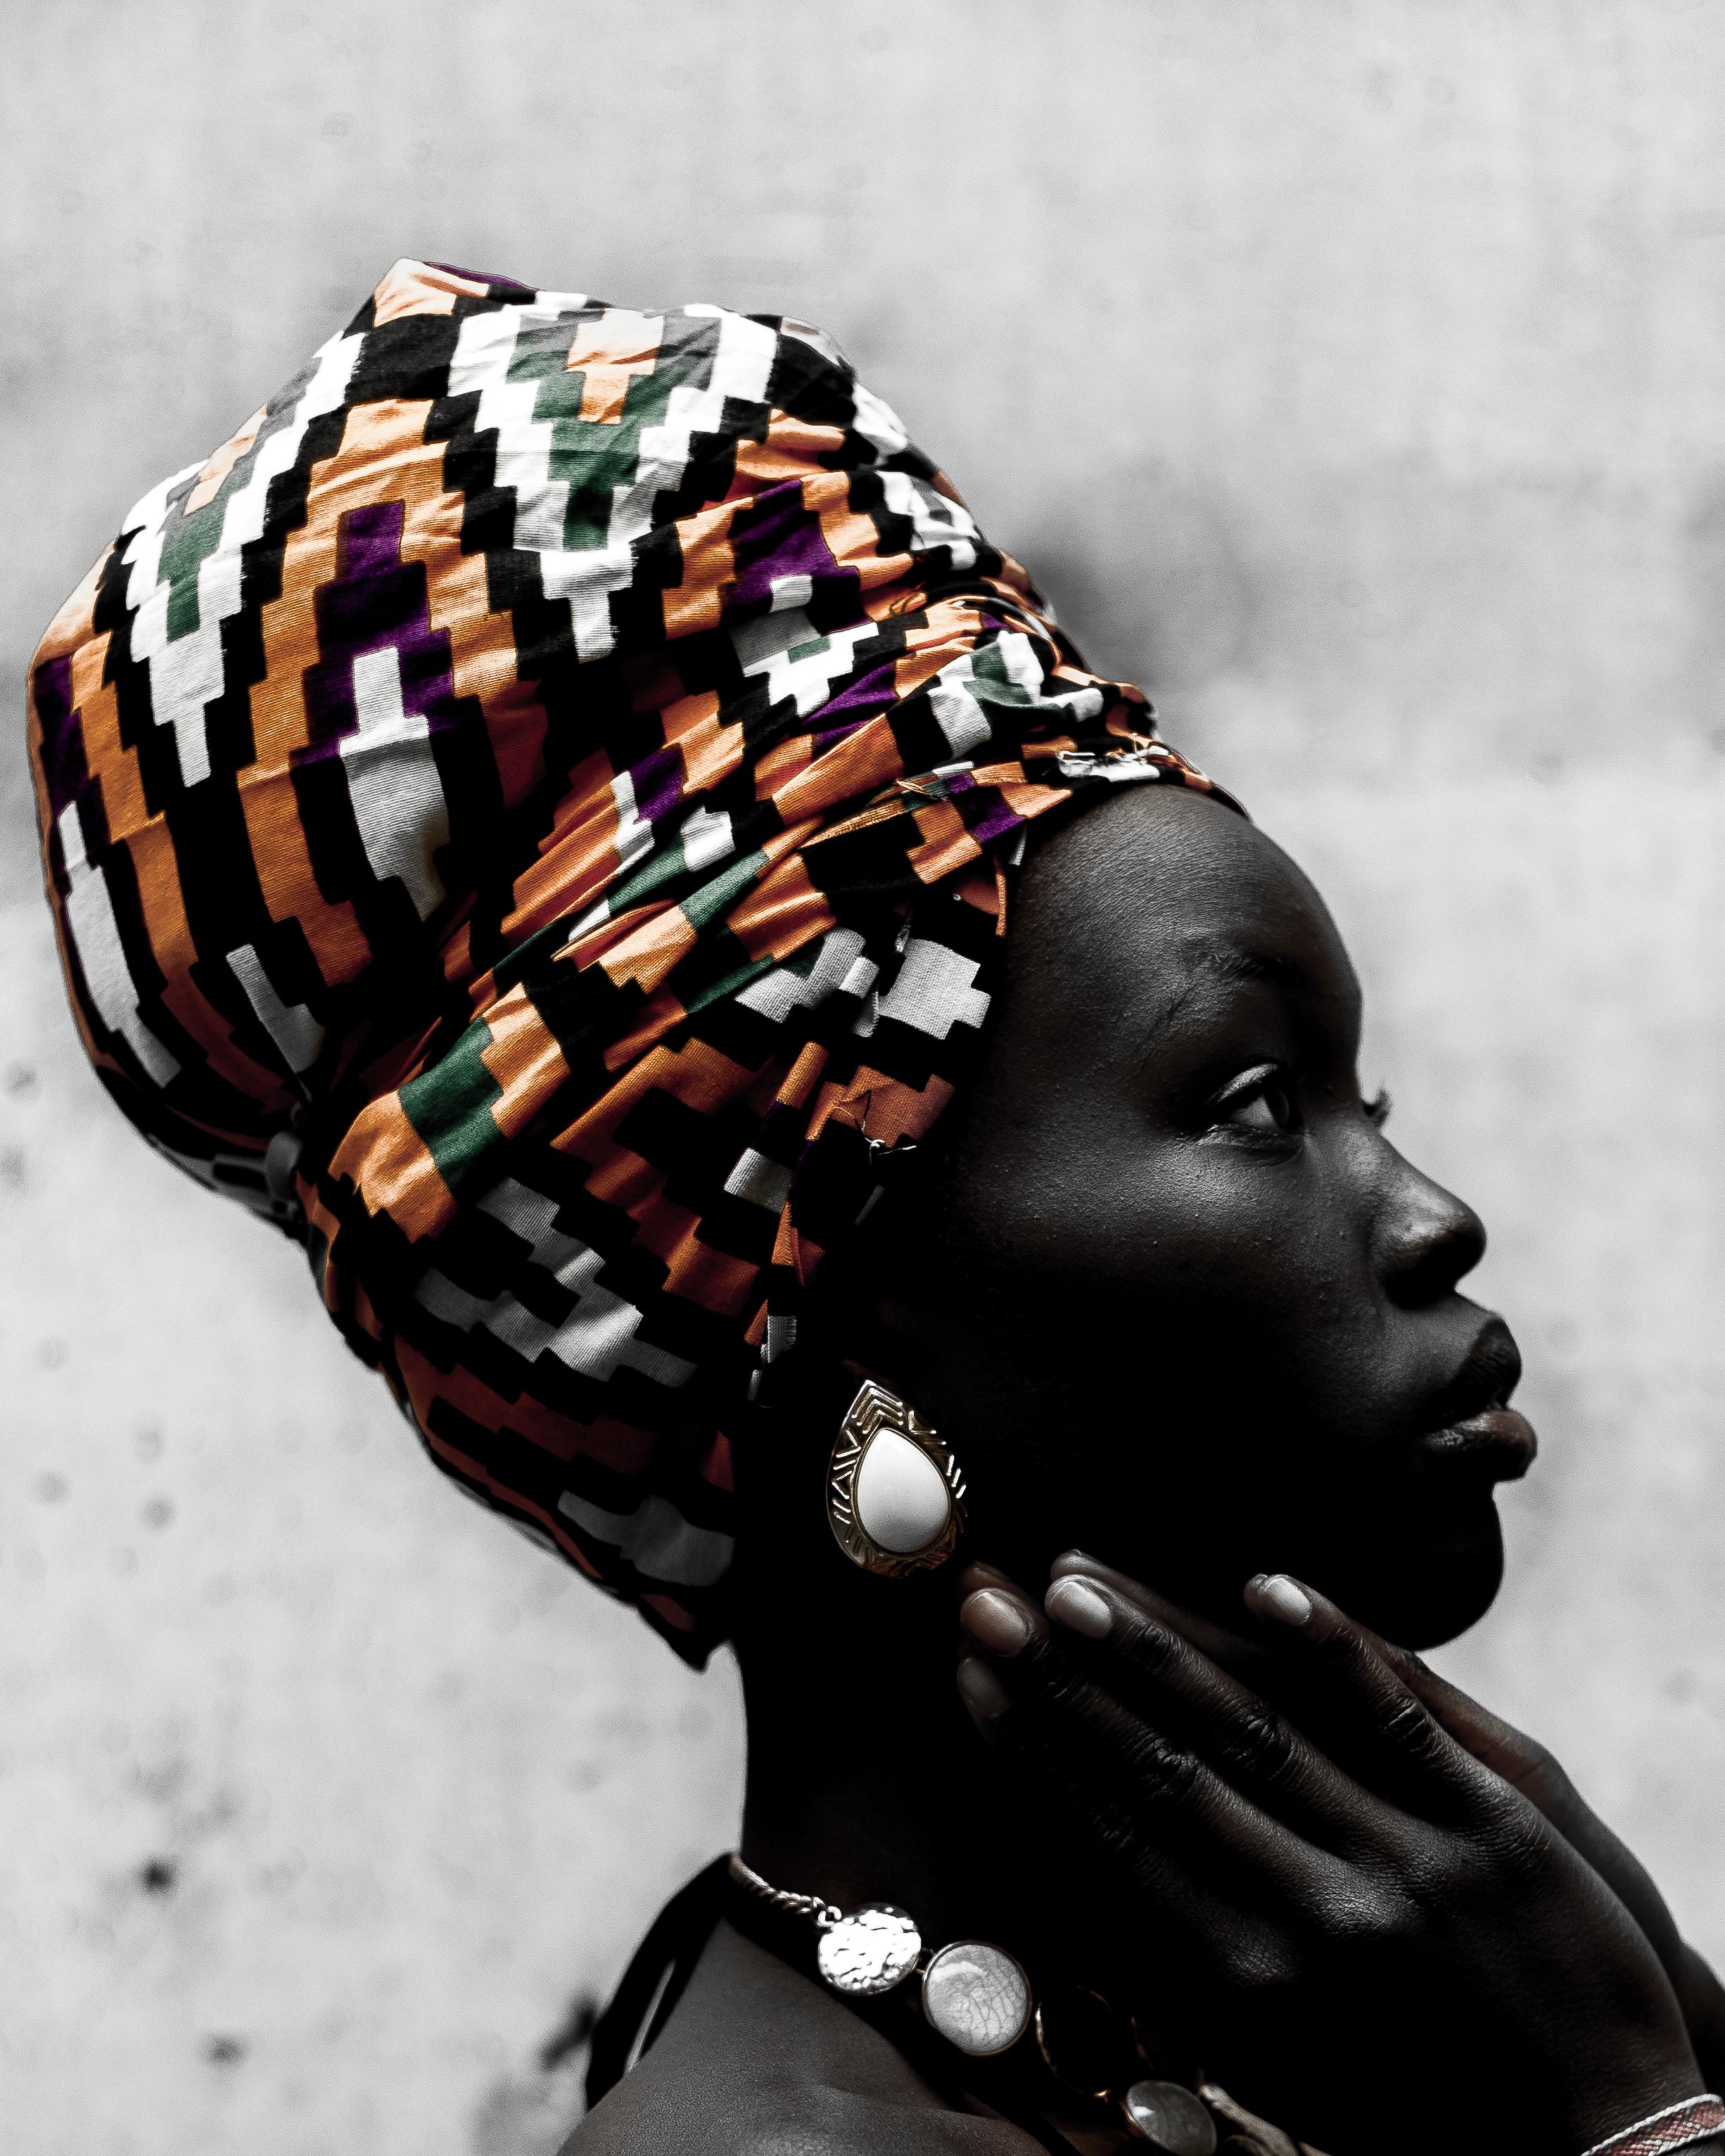 Wombcare - Règles douleureuses, fibromes, endometriose sont des maux très répandus chez les femmes noires et métissées à travers le monde. Avec des conséquences très douleureuses sur notre bien être, notre productivité, notre sexualité, notre fertilité.  Pendant 21 jours, ce programme intensif vous donnera les clés pour découvrir votre corps tel que vous ne l'avez jamais vu en s'appuyant sur des rituels traditionnels d'Afrique de l'Ouest (Senegal, Mali….)